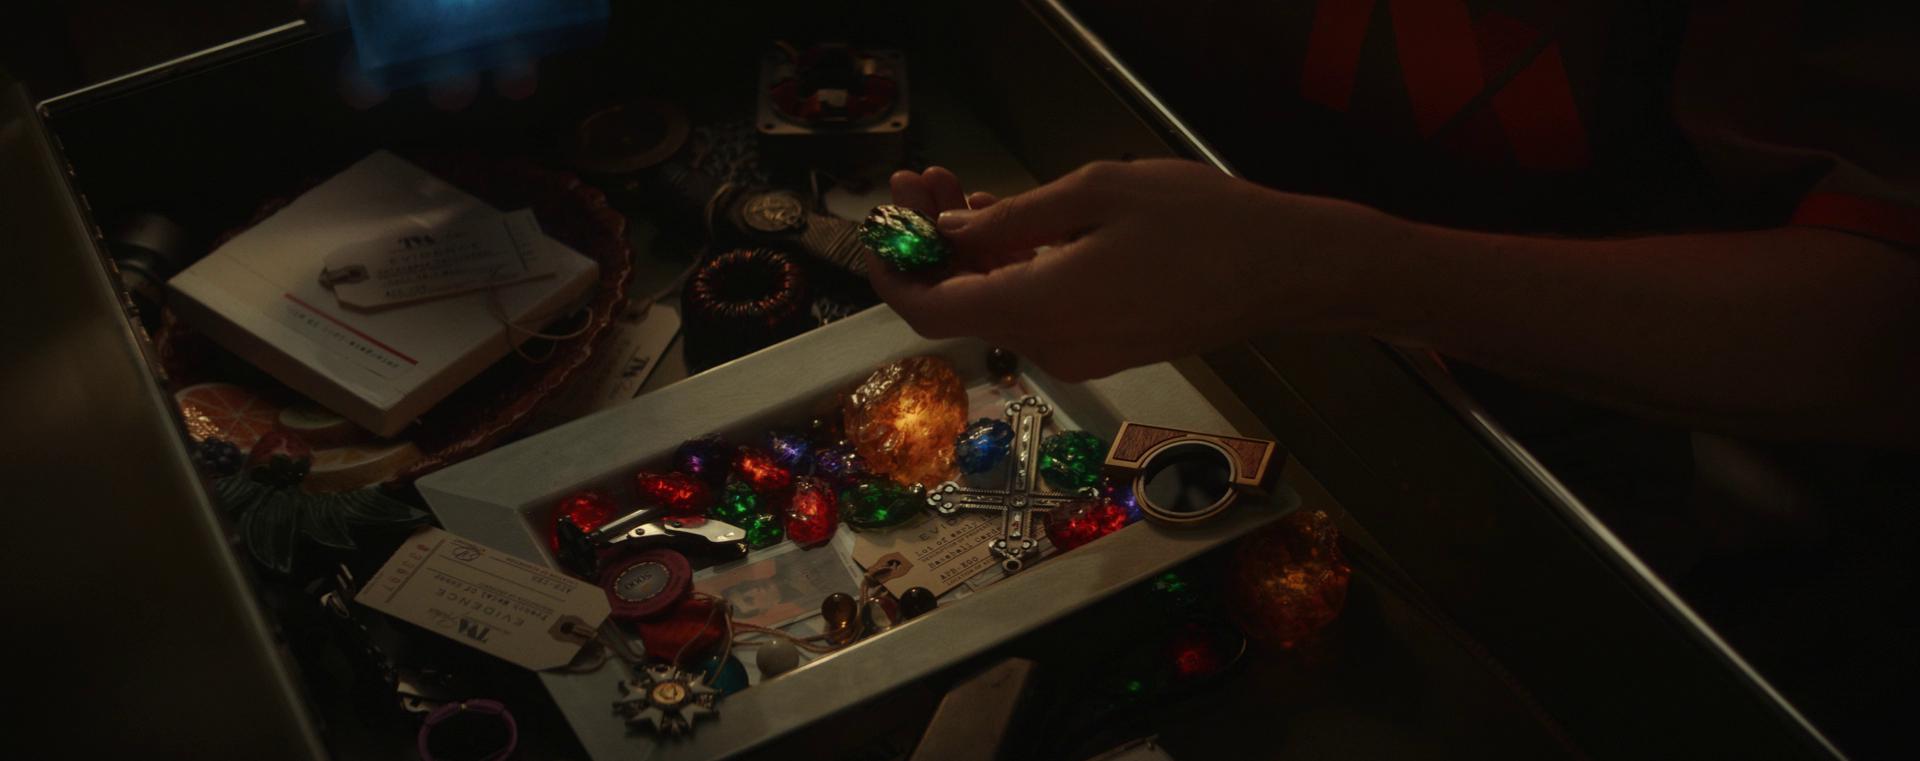 Loki tập 1 ảo diệu như WandaVision, thánh lừa bị chốt ngay vào mồm rồi không mảnh vải che thân - Ảnh 9.